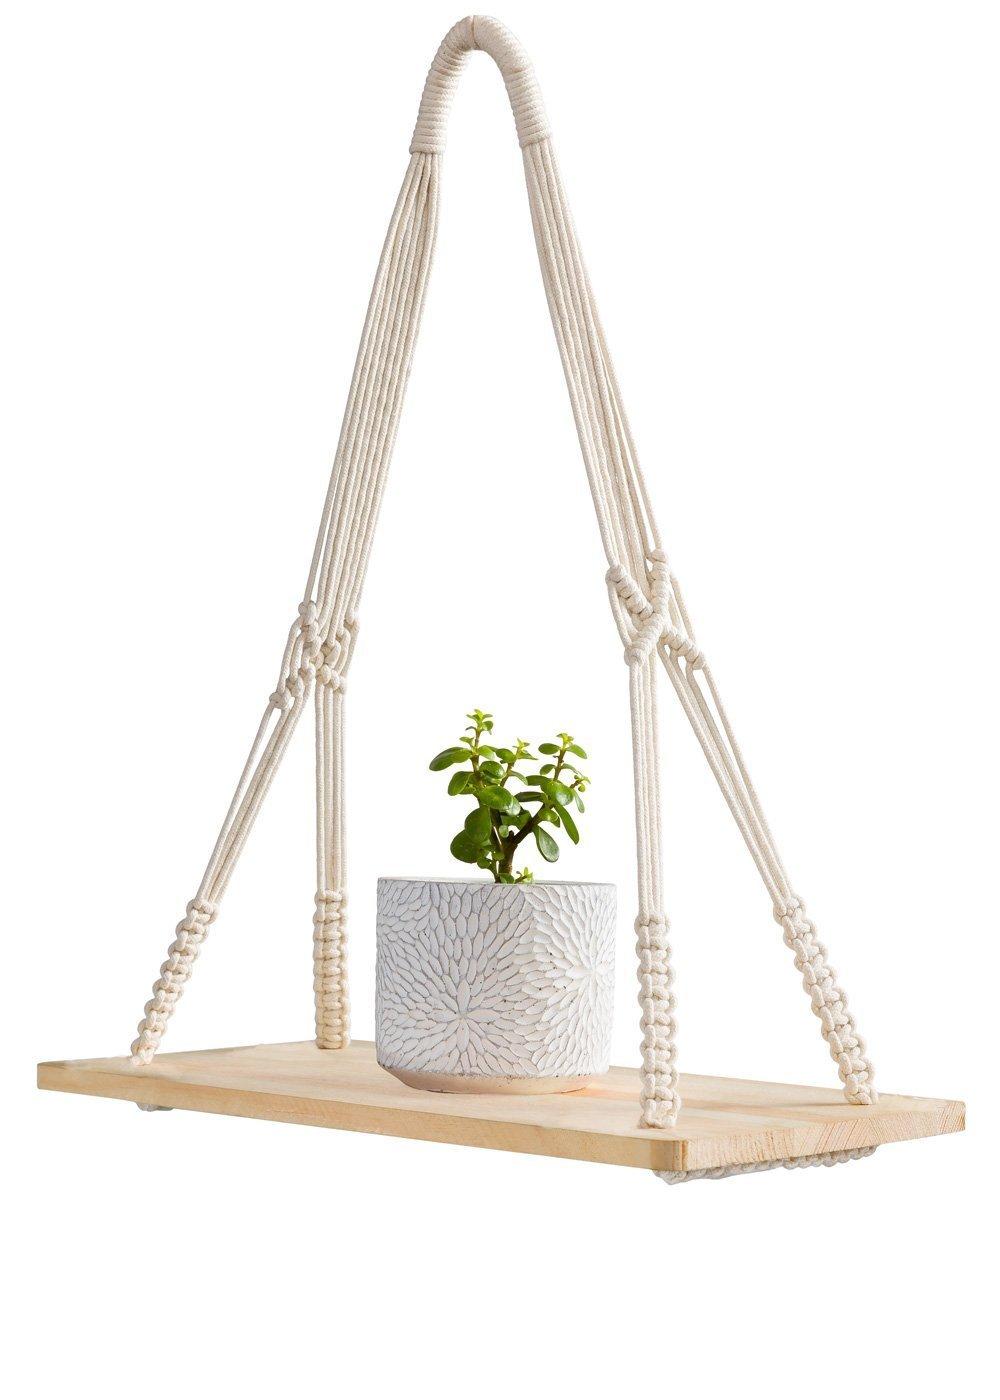 Mkouo mensole da parete con corda in macramè , per appendere piante, mensole sospese, portaoggetti, ripiano in legno per vasi di fiori, cornici per foto, libri, CD